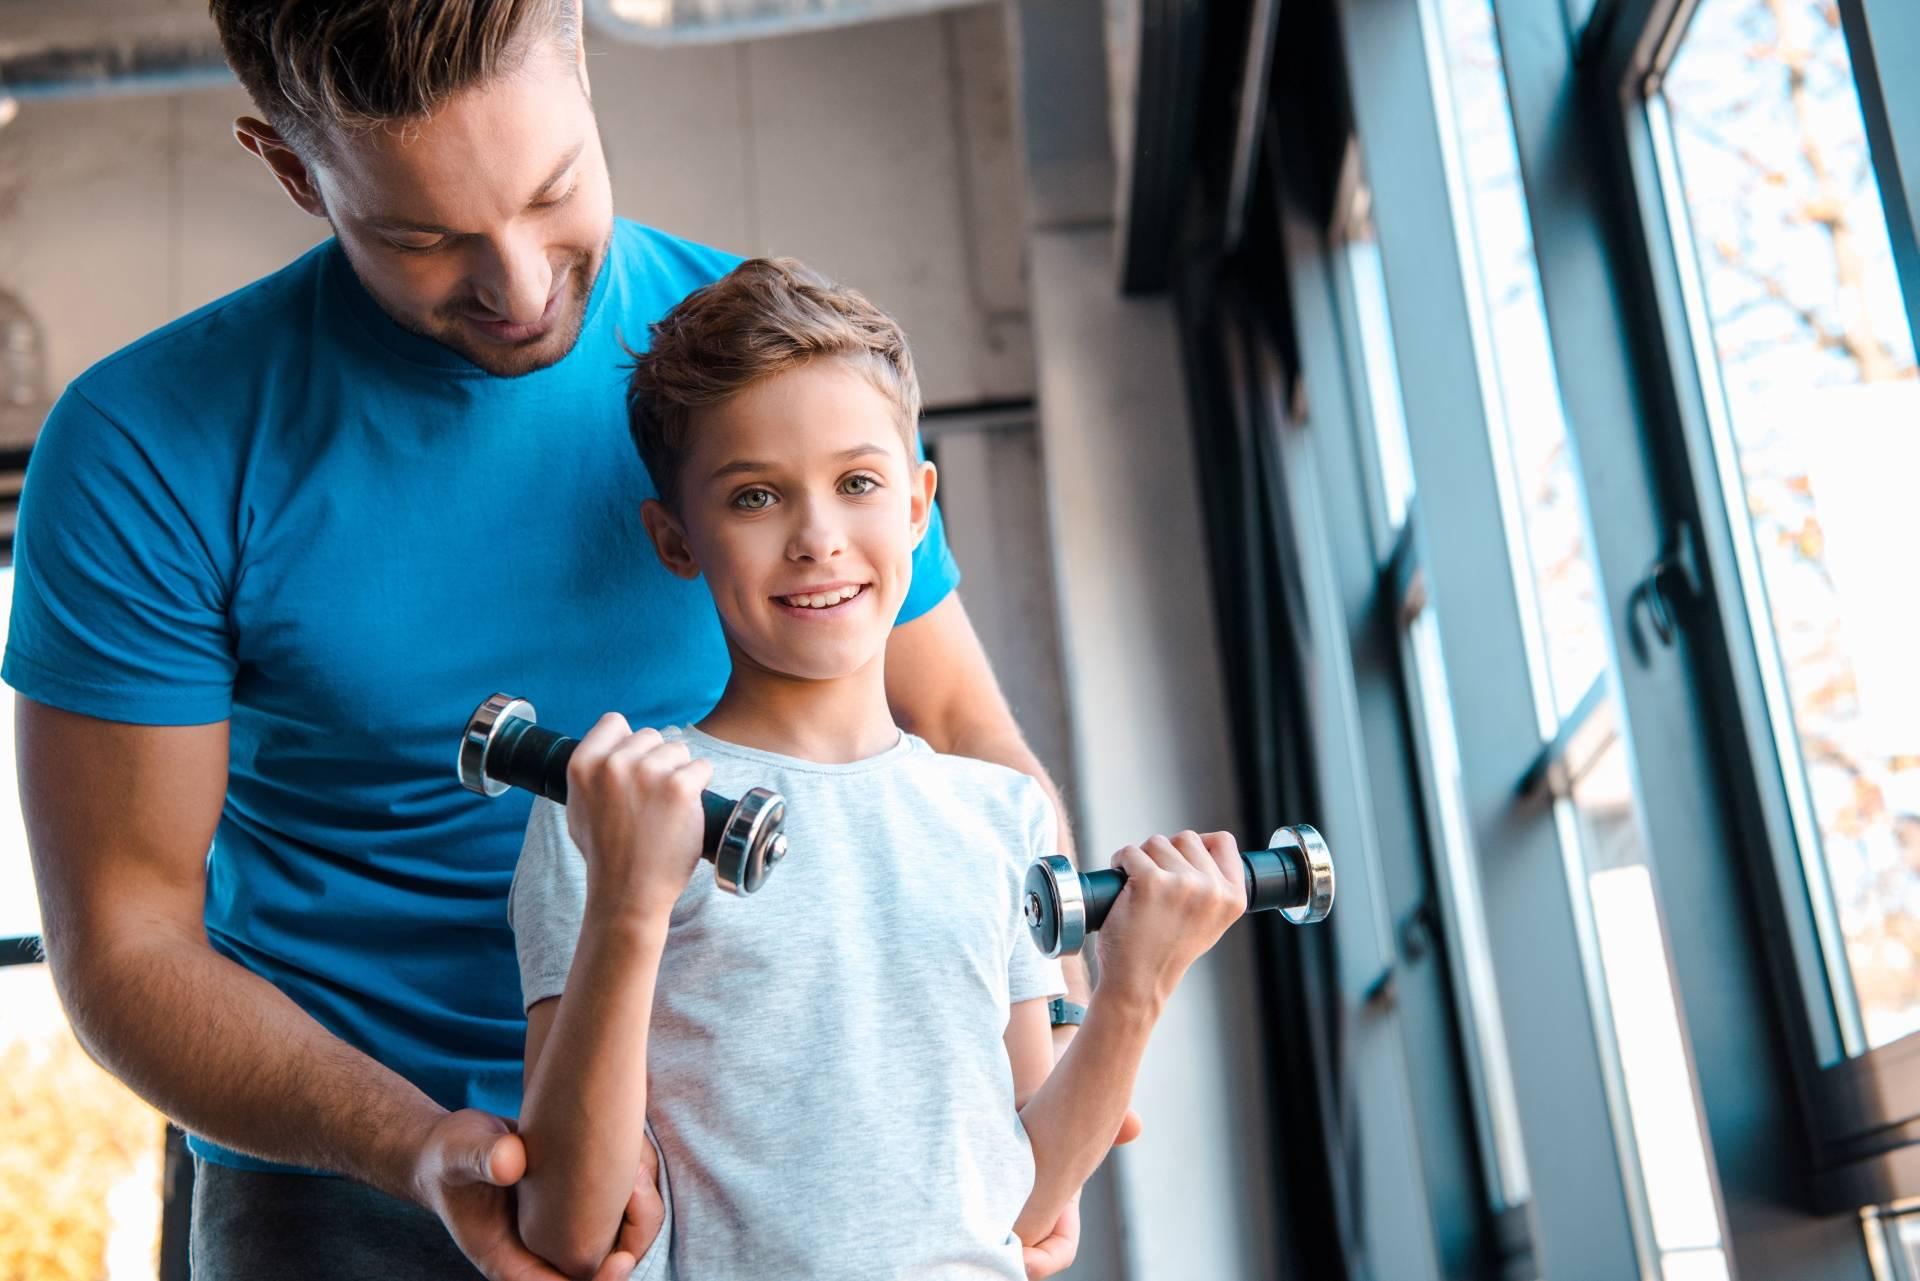 Siłownia dla dzieci. Ojciec pokazuje synowi jak trenować z hantlami.